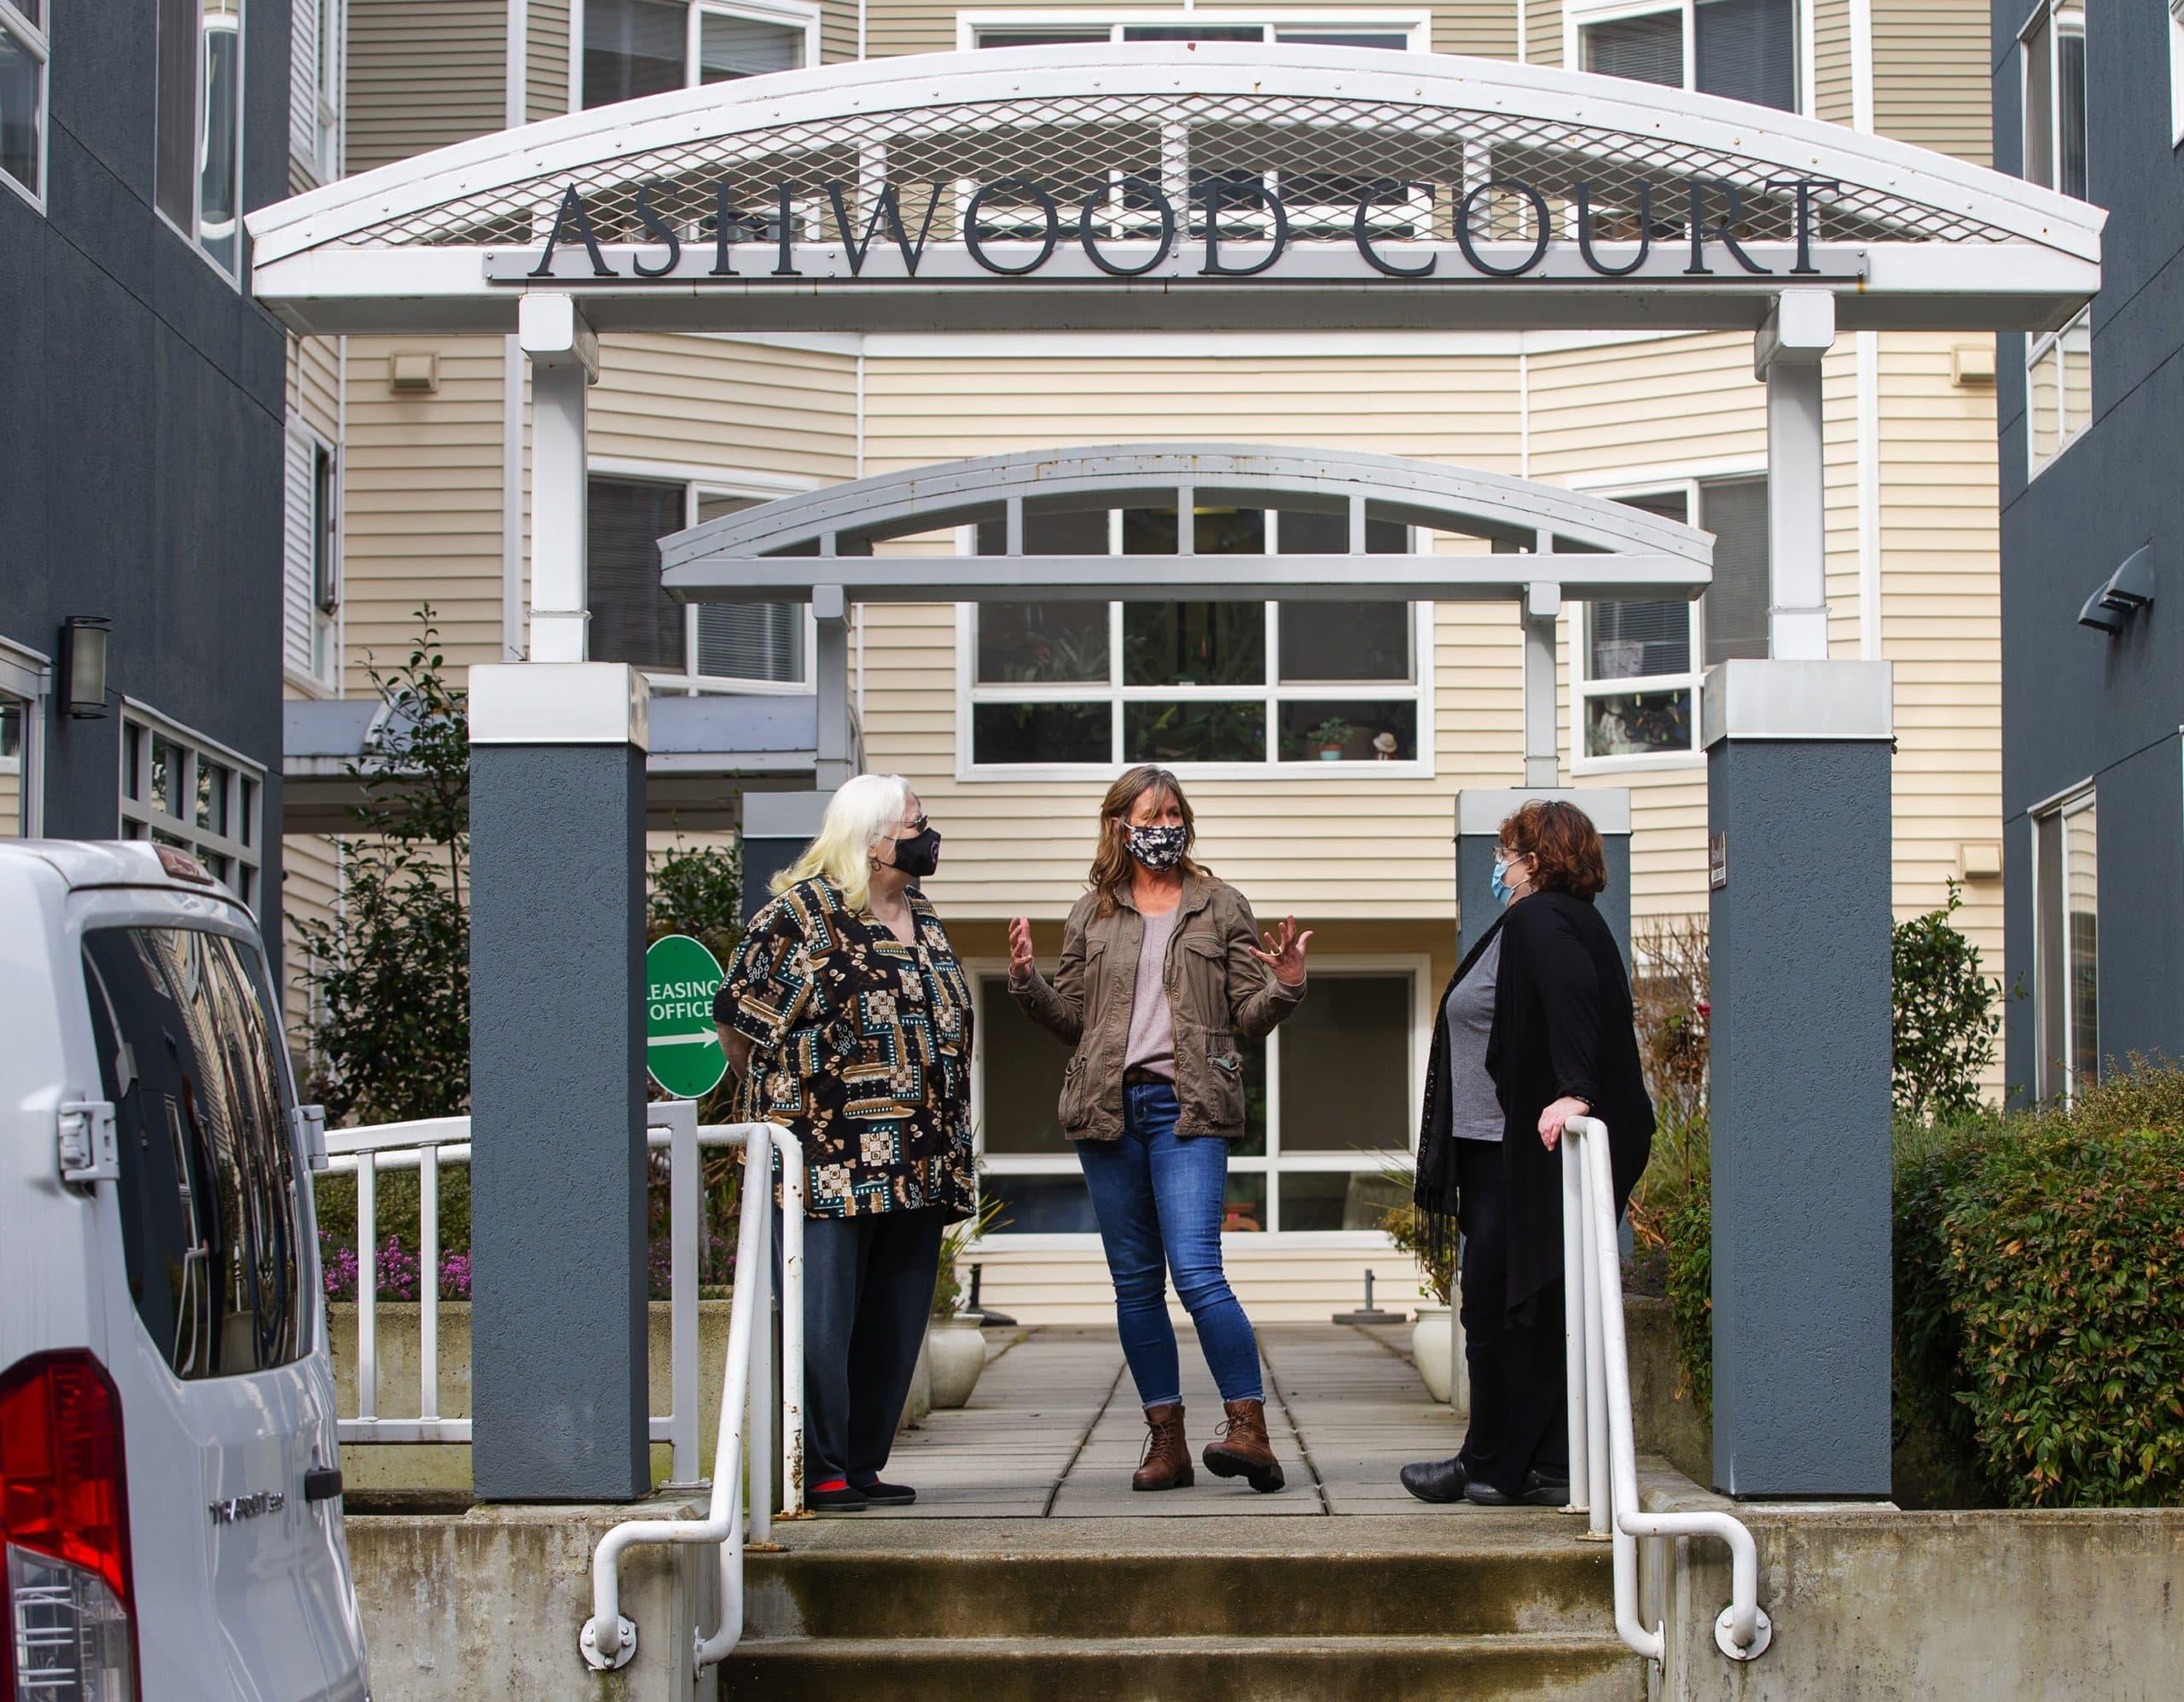 Kim Loveall Price, centro, directora de una organización sin fines de lucro que opera Ashwood Court, un complejo de viviendas para personas de bajos ingresos en Bellevue, Washington, habla con los residentes Susanne Sherman, derecha, y Joyce Hansbearry.  (Mike Seigel para WBUR)